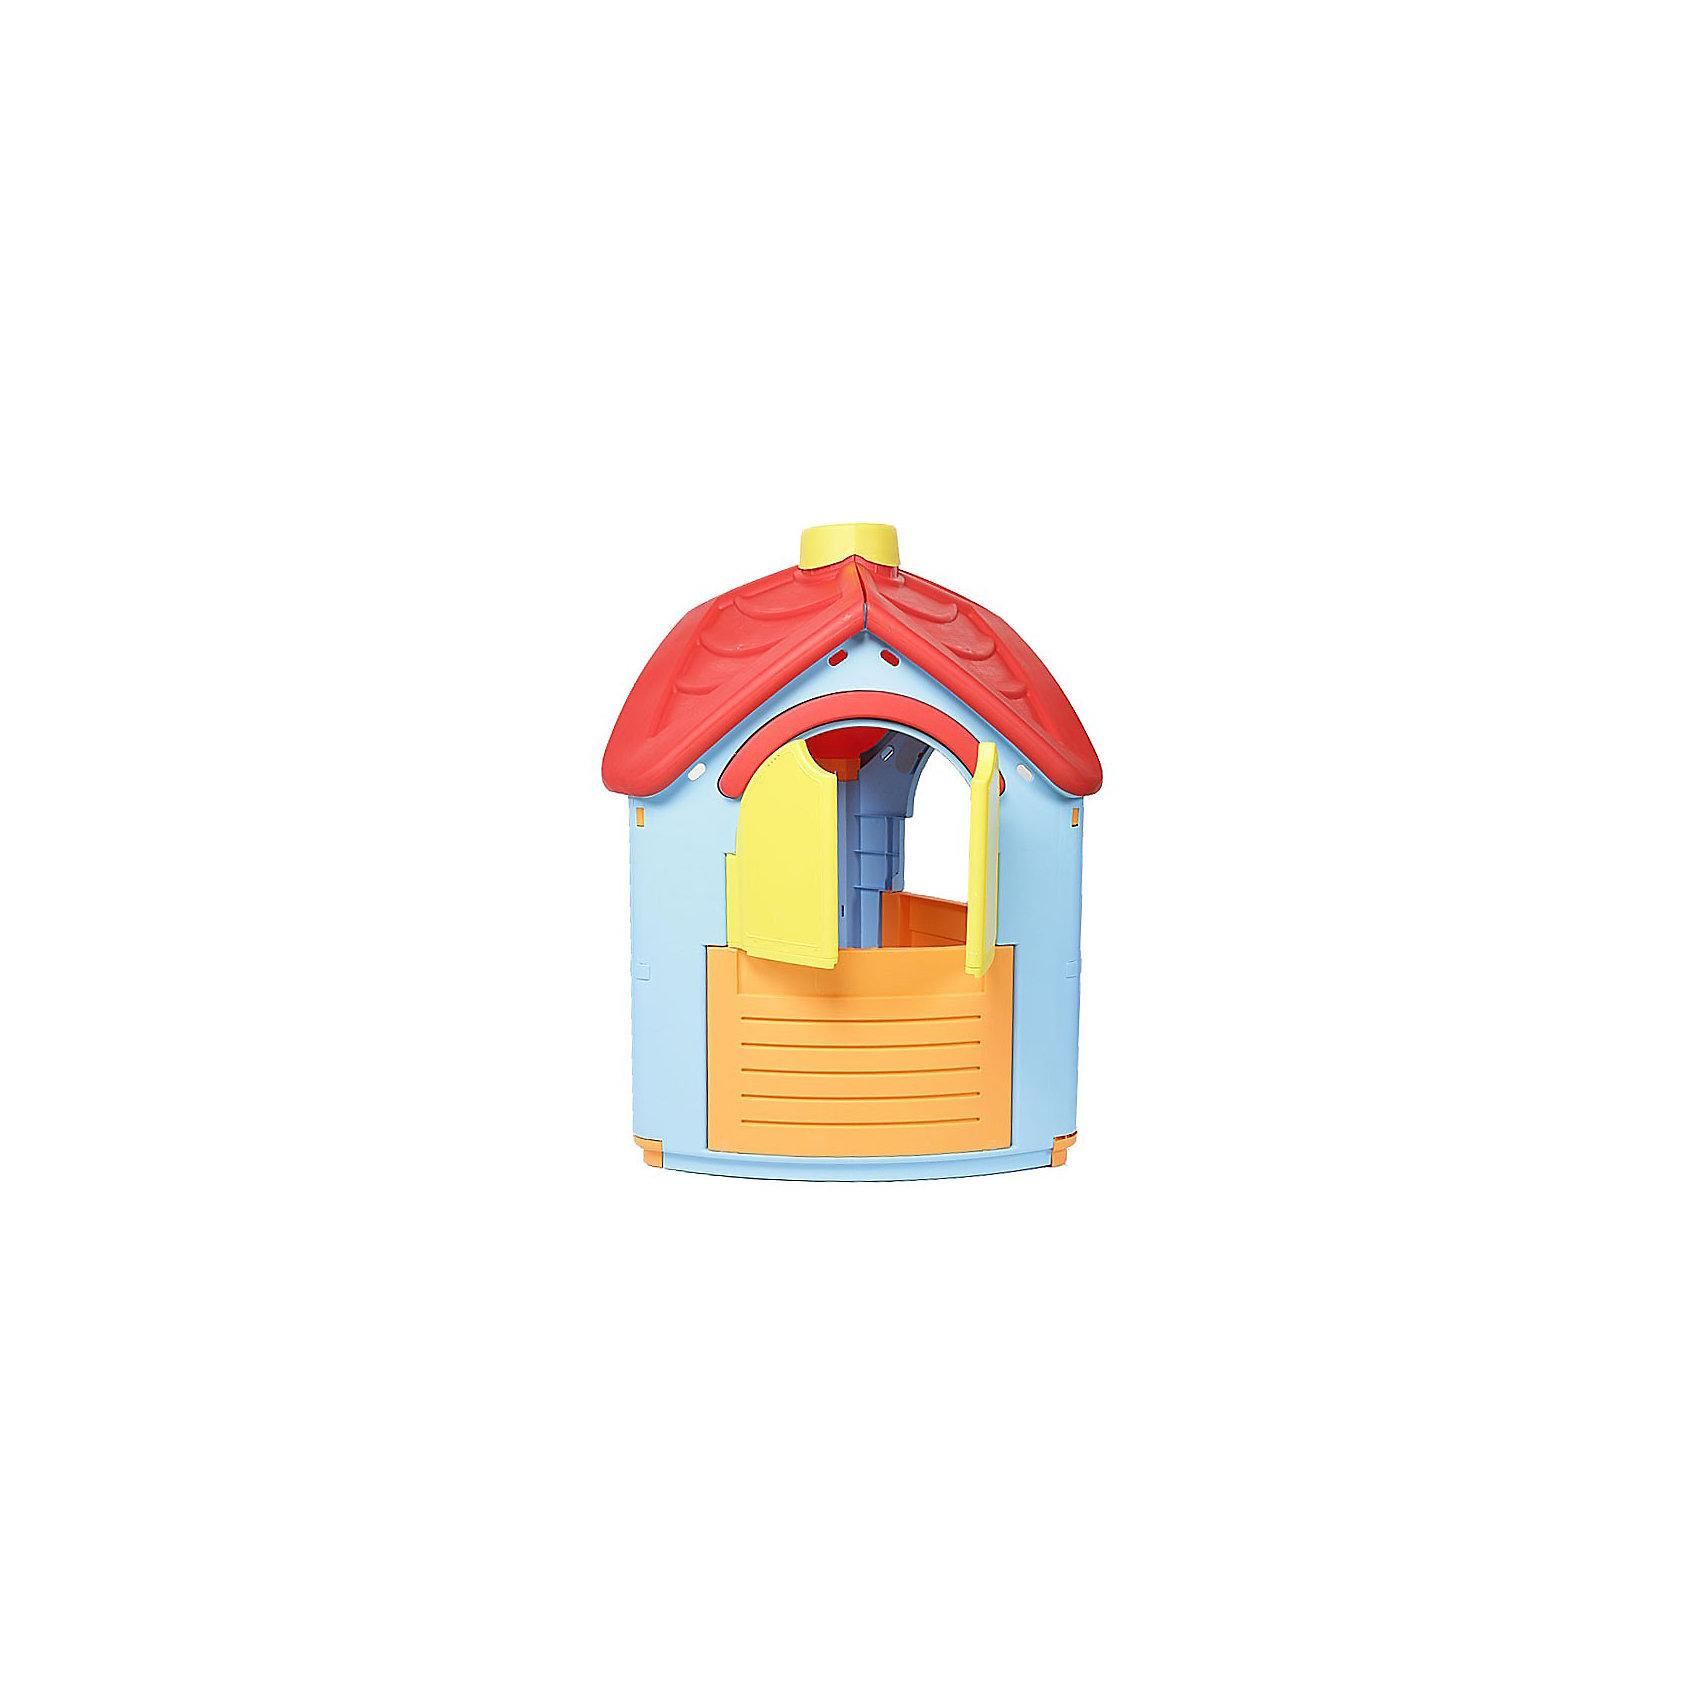 PalPlay Домик - ВиллаДомики и мебель<br>Marianplast Домик – Вилл - очень уютный домик для детей от 1,5 до 6 лет.<br><br>Домик очень устойчив, легко собирается без использования инструментов — детали соединяются и закрепляются специальными пластиковыми гайками, которые входят в комплект.<br><br>Игровой домик Marian Plast изготовлен из яркого, прочного, нетоксичного пластика, устойчивого к выцветанию и воздействию влаги, с соблюдением европейского стандарта качества и безопасности для детских товаров.<br><br>Дополнительная информация:<br><br>Размер домика: 95x102x126 см. <br>Размер упаковки: 112x92x25 см.<br>Вес 11,6 кг, с упаковкой 13,65 кг<br>Материал: высокопрочный пластик<br><br>Домик стимулирует малыша к активным действиям и движению, развивает воображение. Яркий и красочный, он обязательно понравится вашему ребенку!<br><br>Ширина мм: 950<br>Глубина мм: 1020<br>Высота мм: 1260<br>Вес г: 16500<br>Возраст от месяцев: 18<br>Возраст до месяцев: 144<br>Пол: Унисекс<br>Возраст: Детский<br>SKU: 2442782